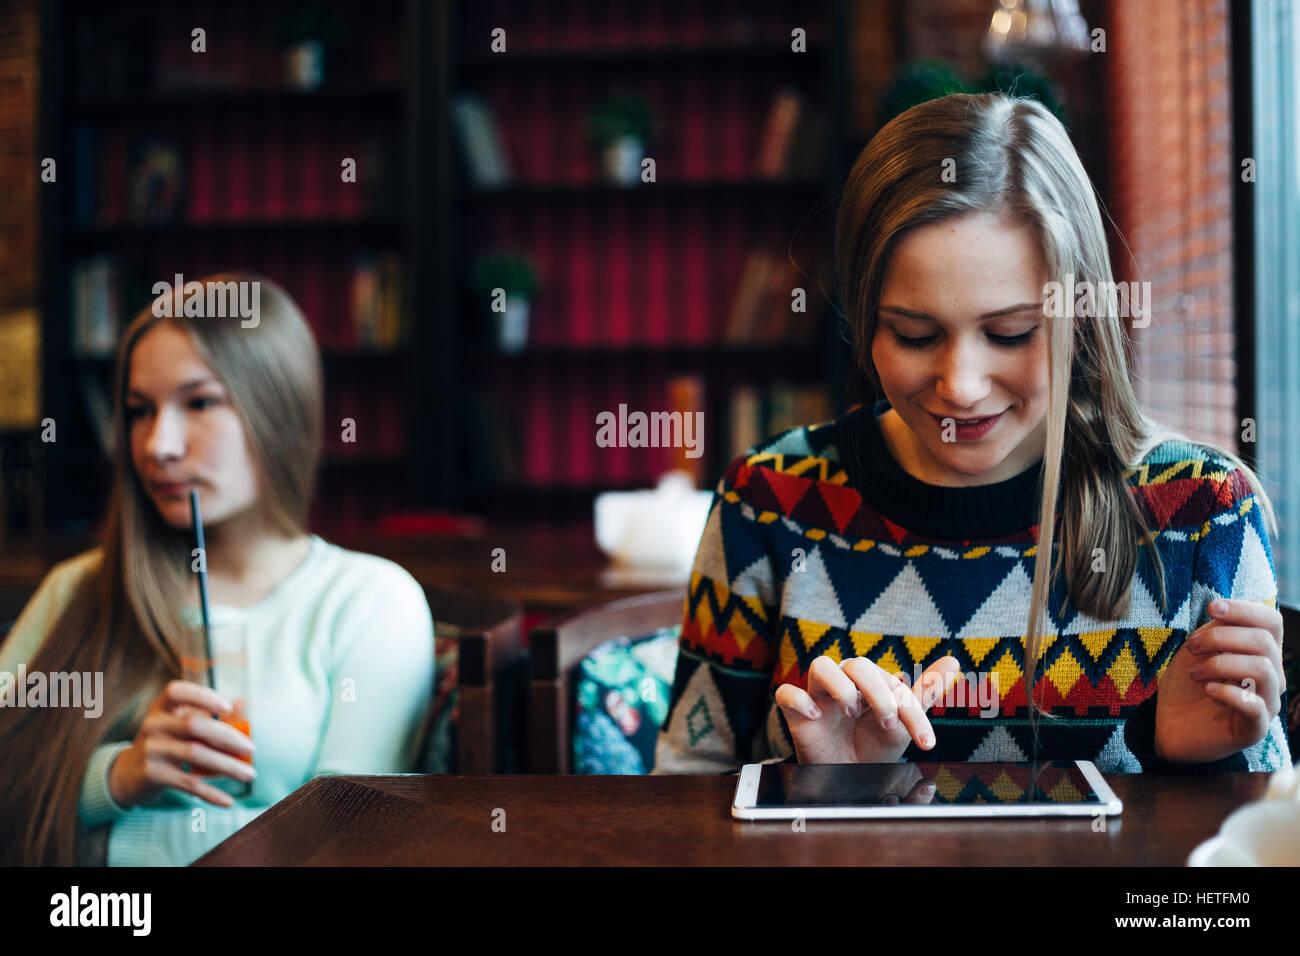 Ragazza amici comunicare in un cafe Immagini Stock